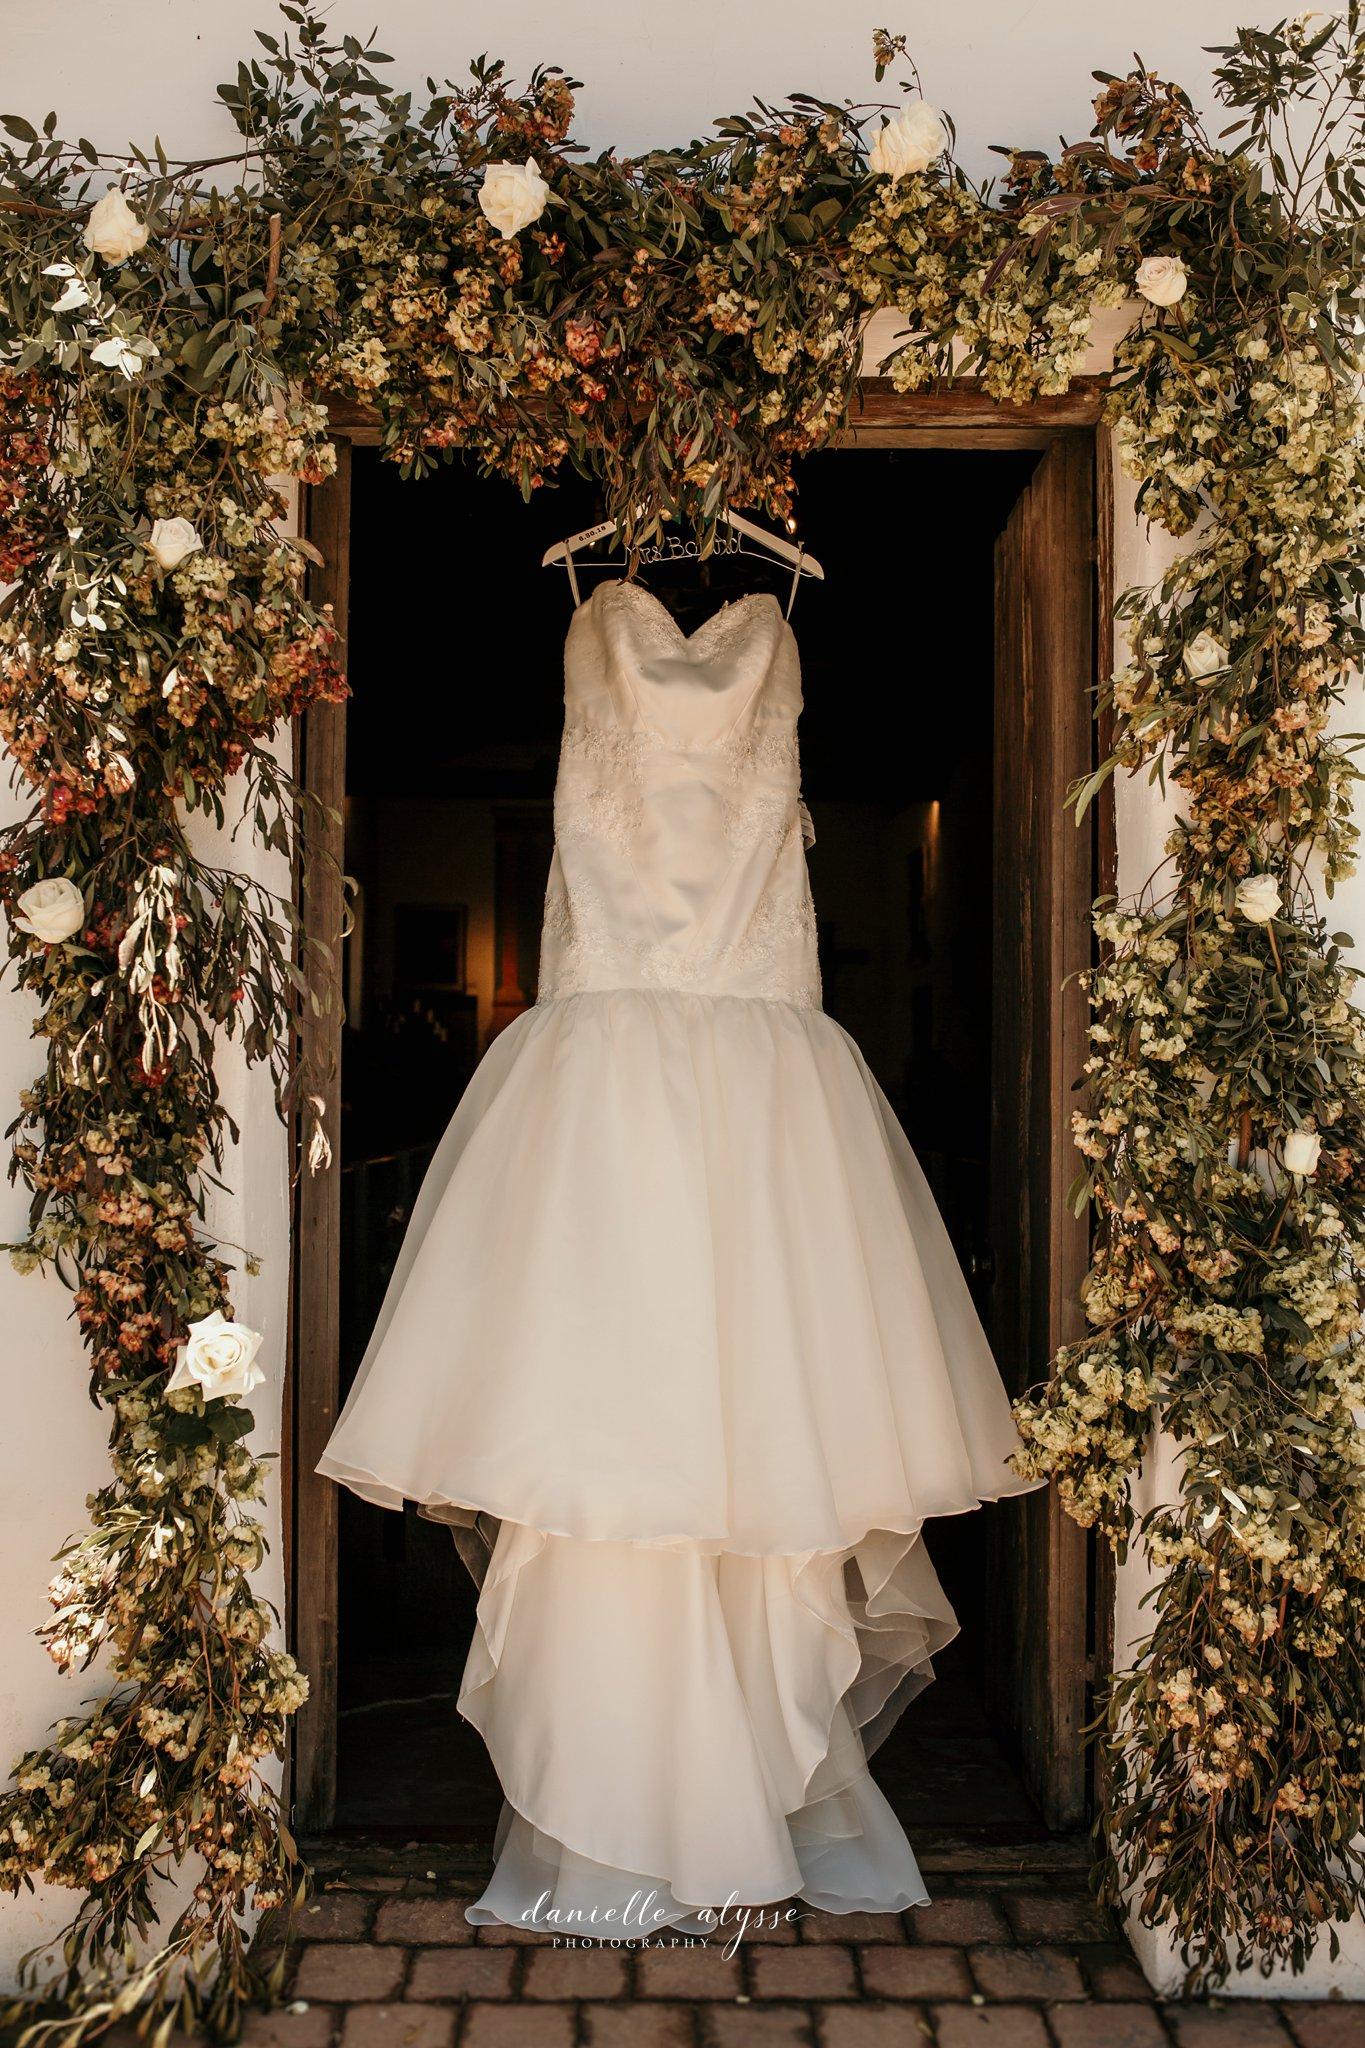 180630_wedding_lily_ryan_mission_soledad_california_danielle_alysse_photography_blog_64_WEB.jpg